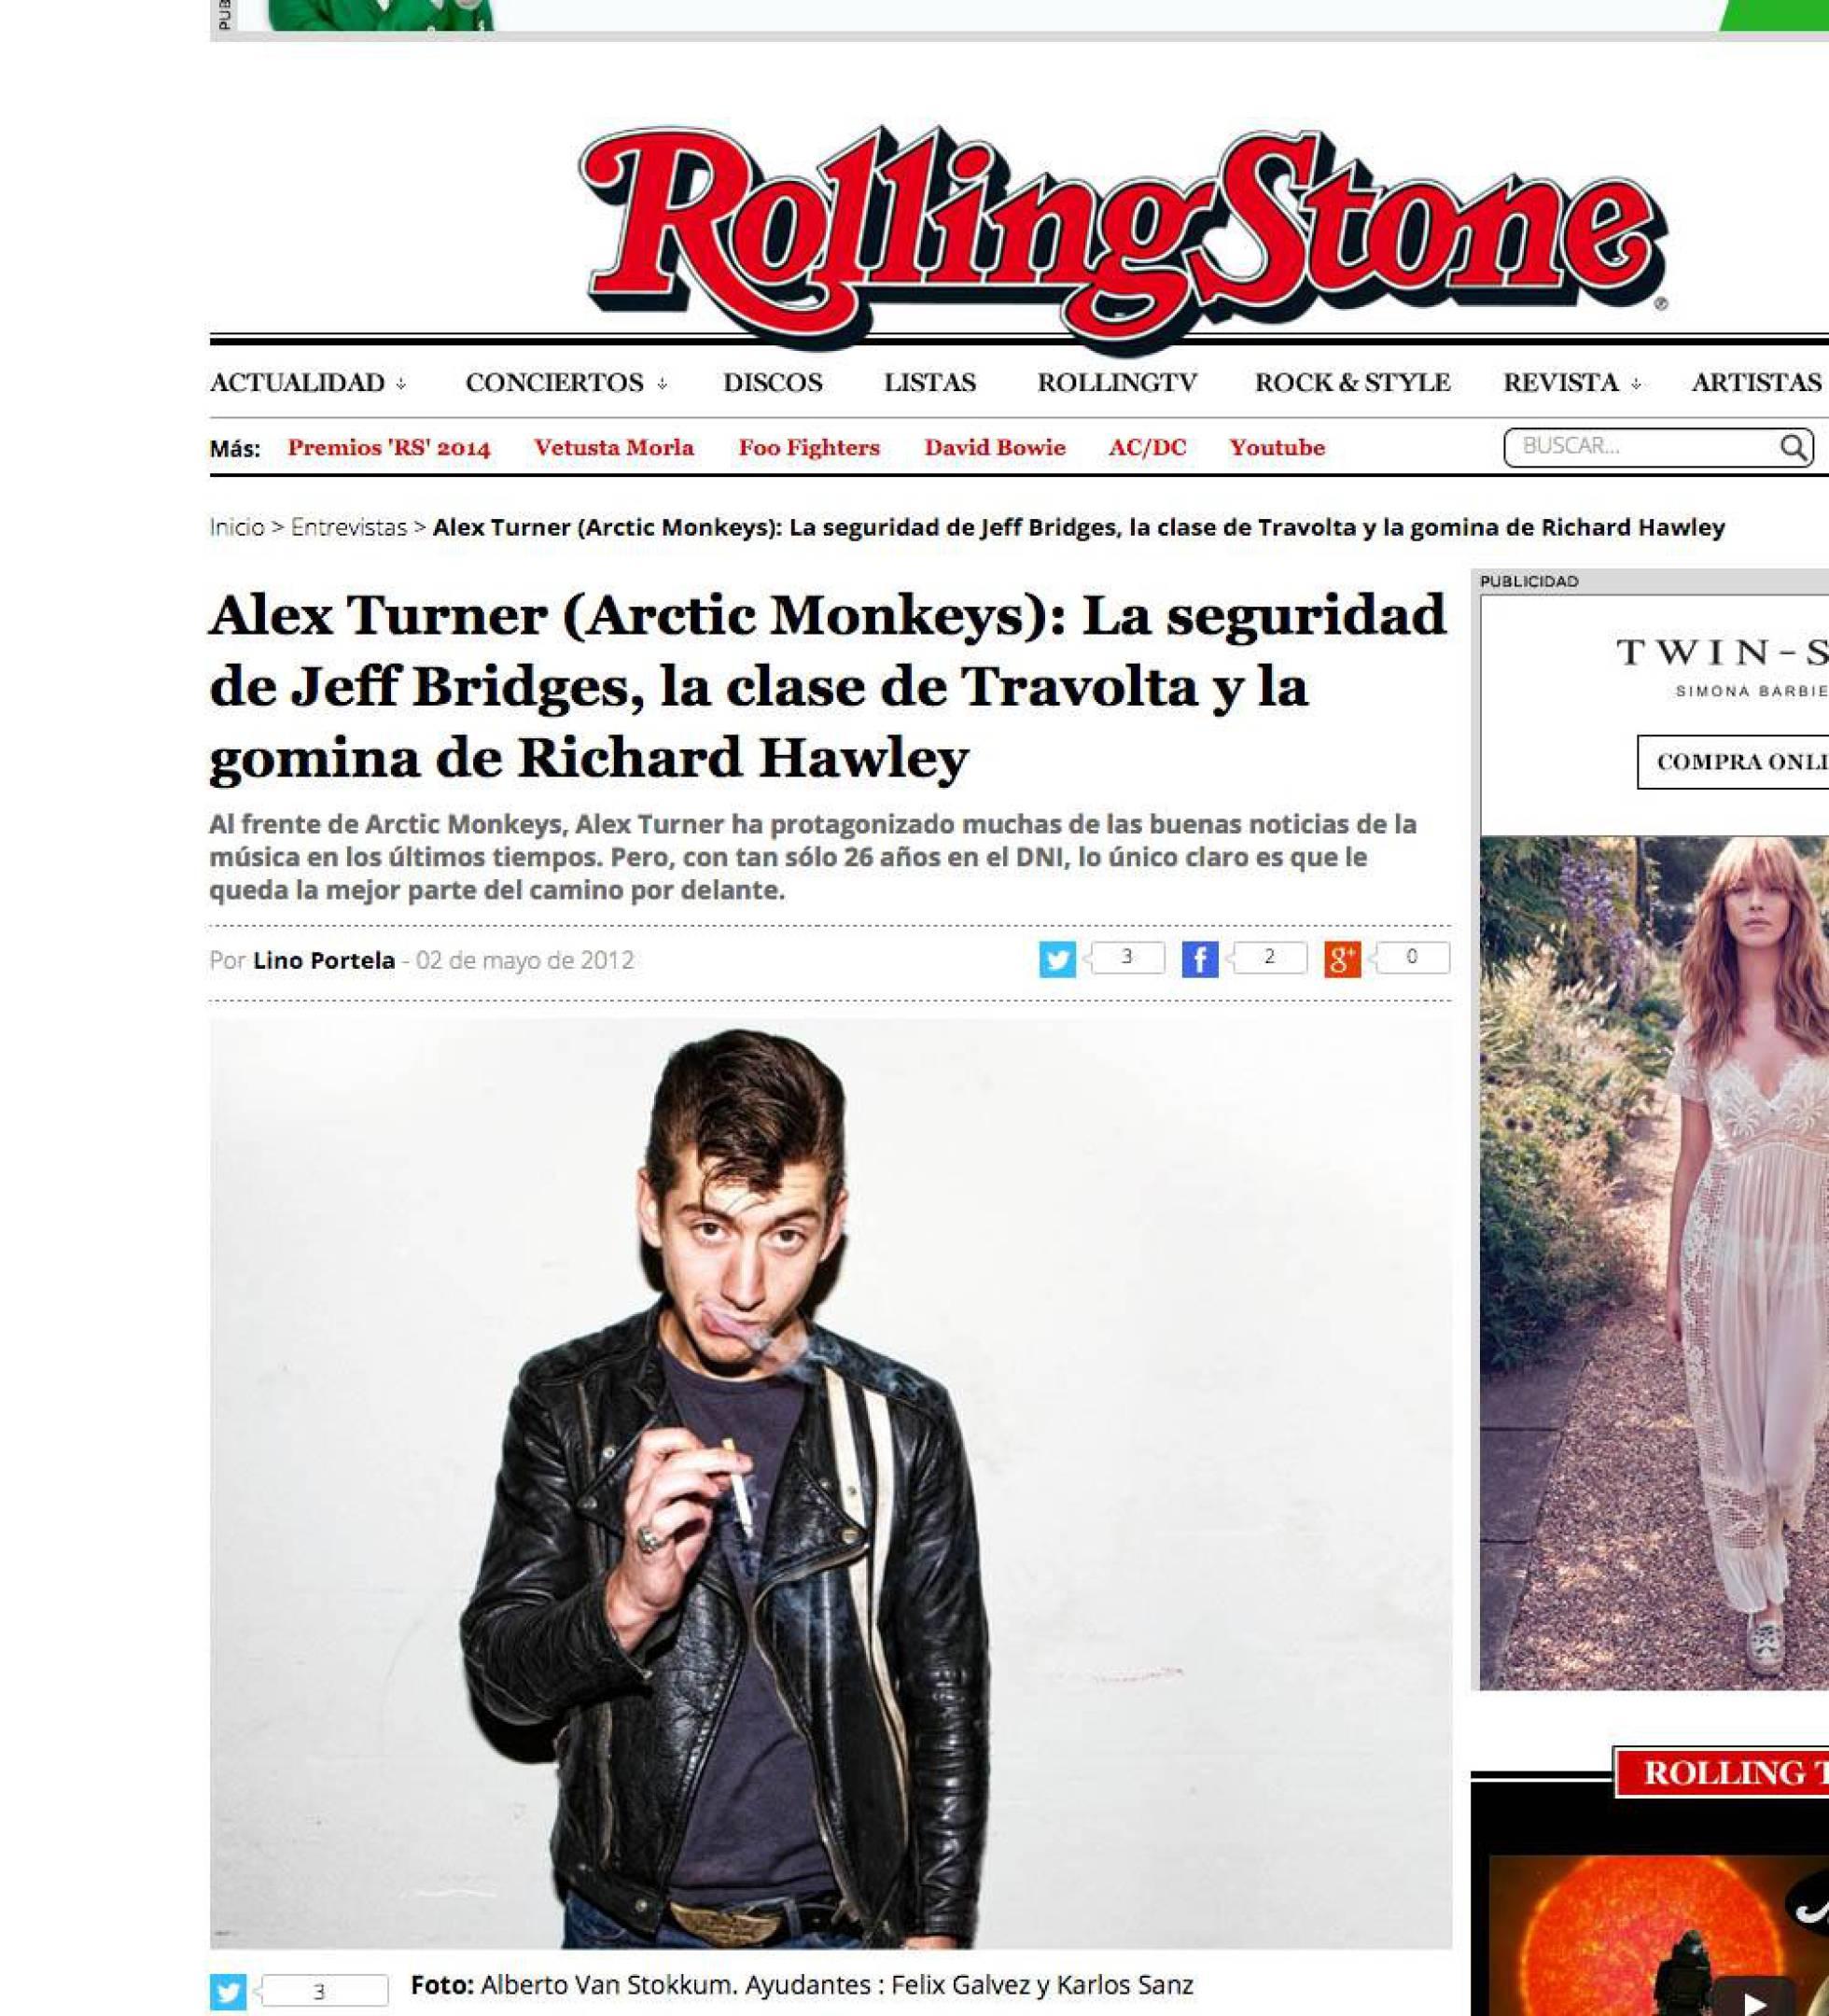 Imagen en el artículo de la revista Rolling Stone